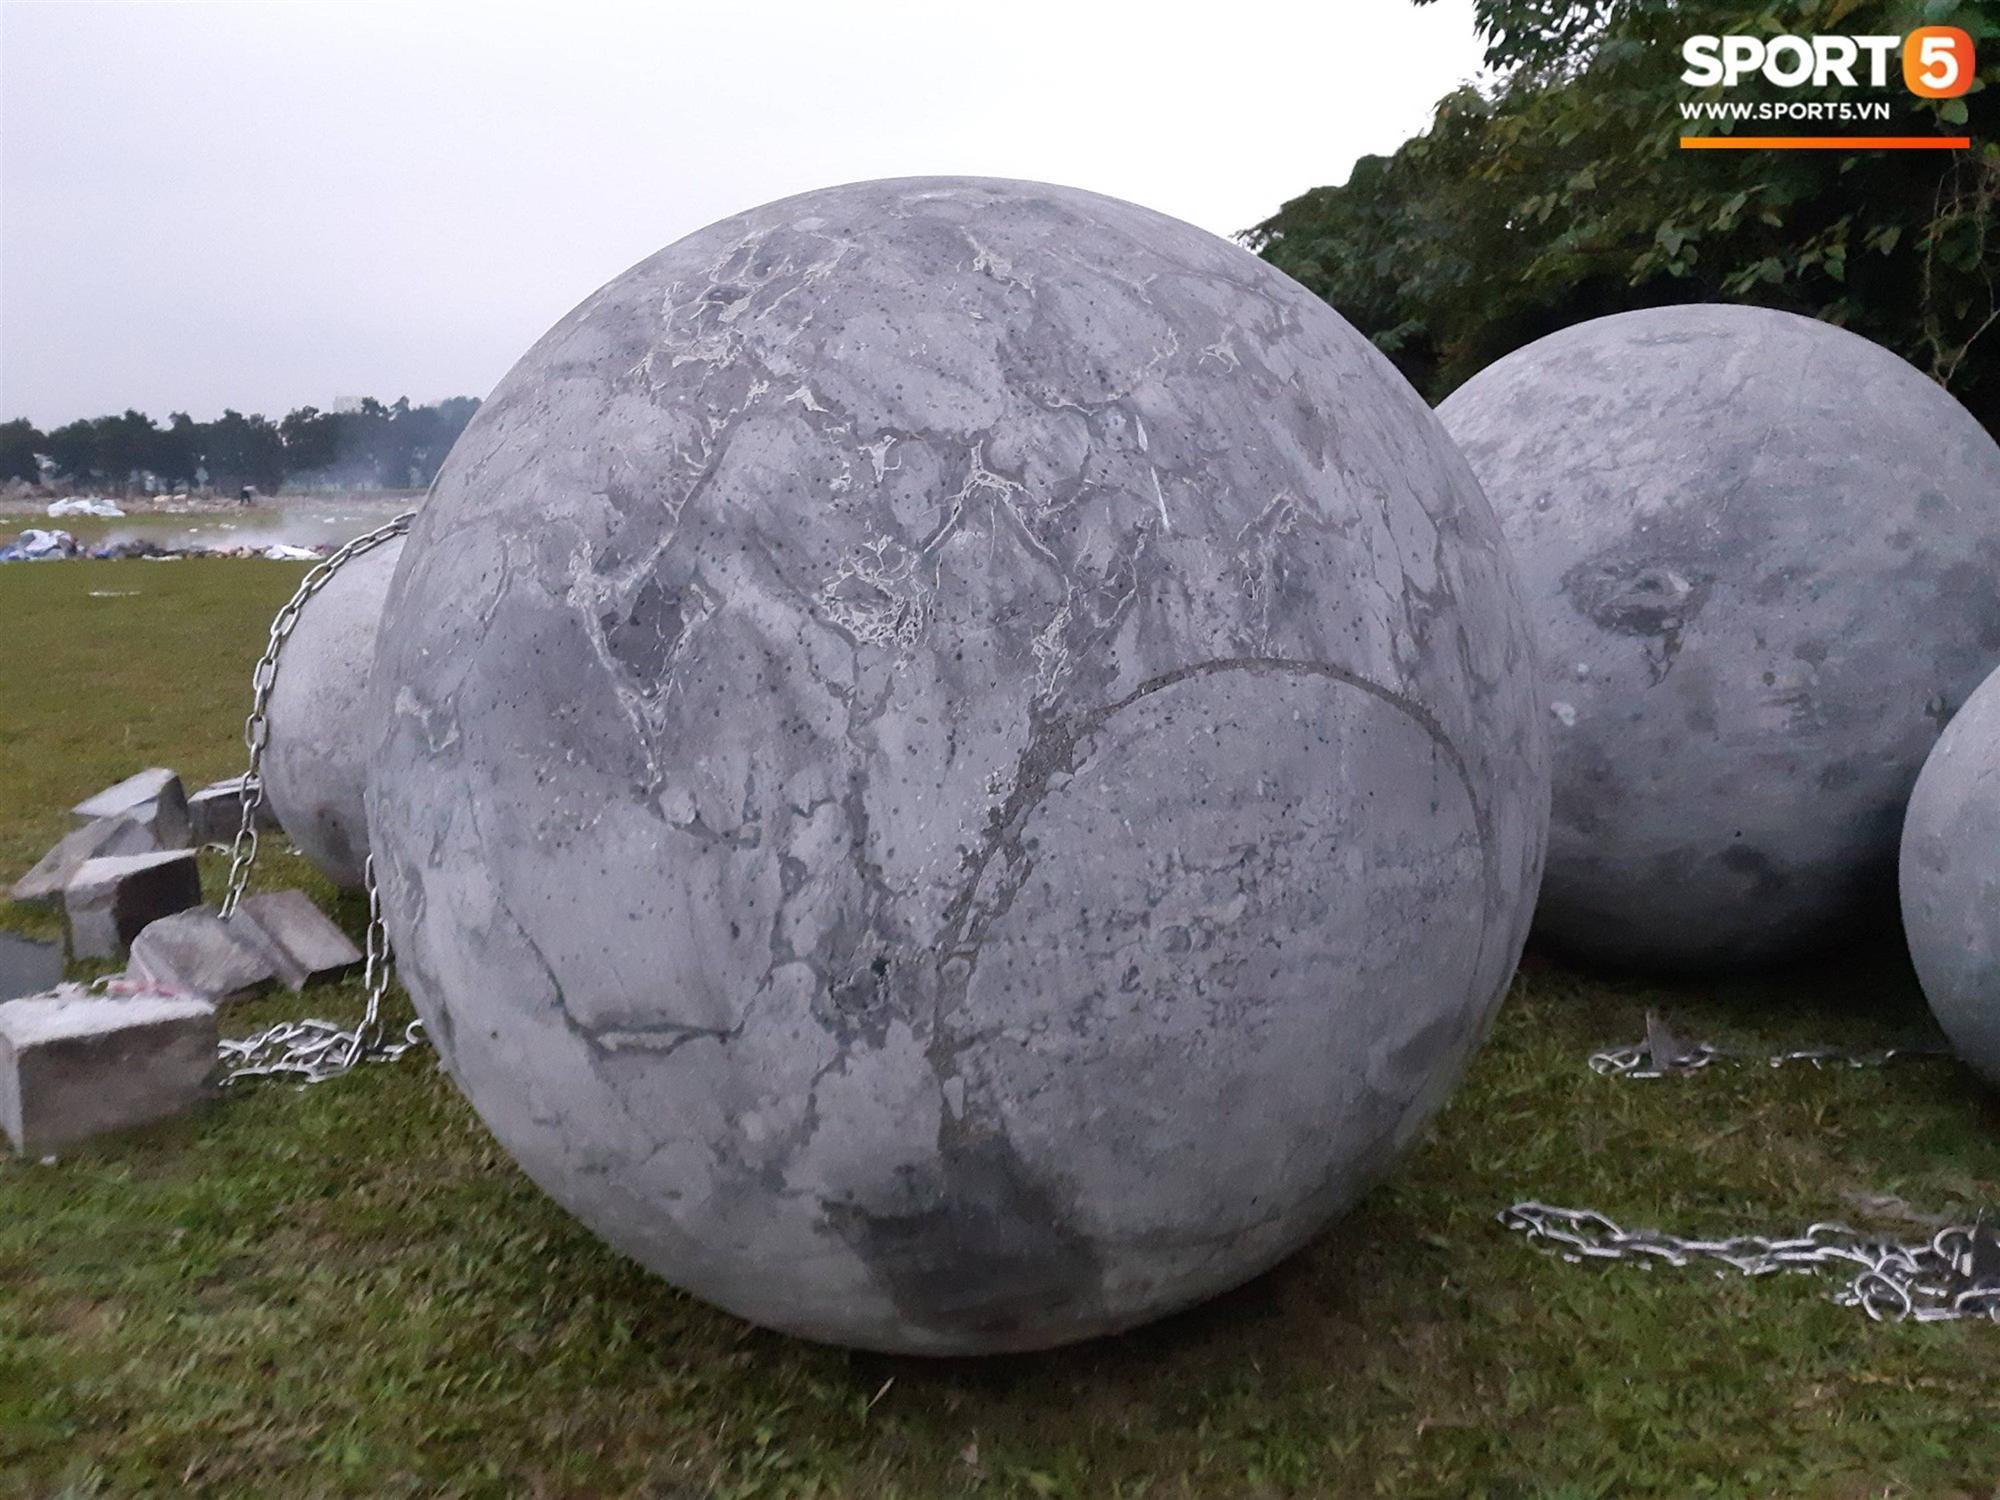 Đã tìm ra vị trí bí ẩn của 40 quả cầu đá sau khi bị di dời khỏi sân Mỹ Đình-6